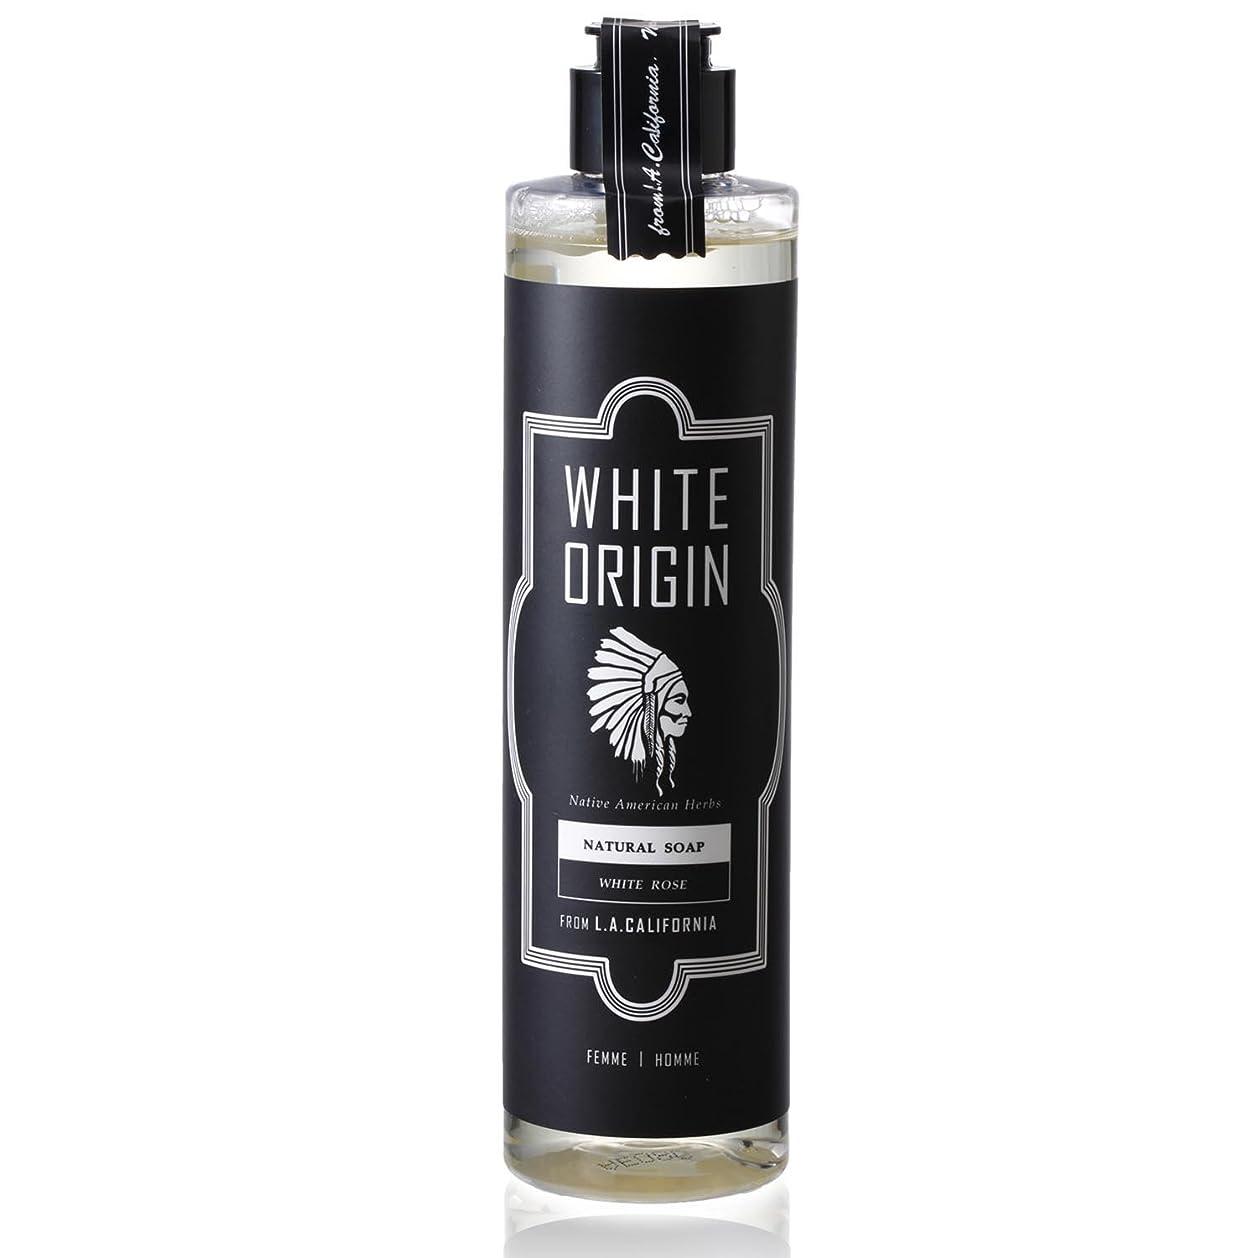 南アメリカナチュラルロイヤリティWHITE ORIGIN ボディソープ 300ml 加齢臭 ケア オーガニック ナチュラル 男前 乾燥 ホワイトローズ